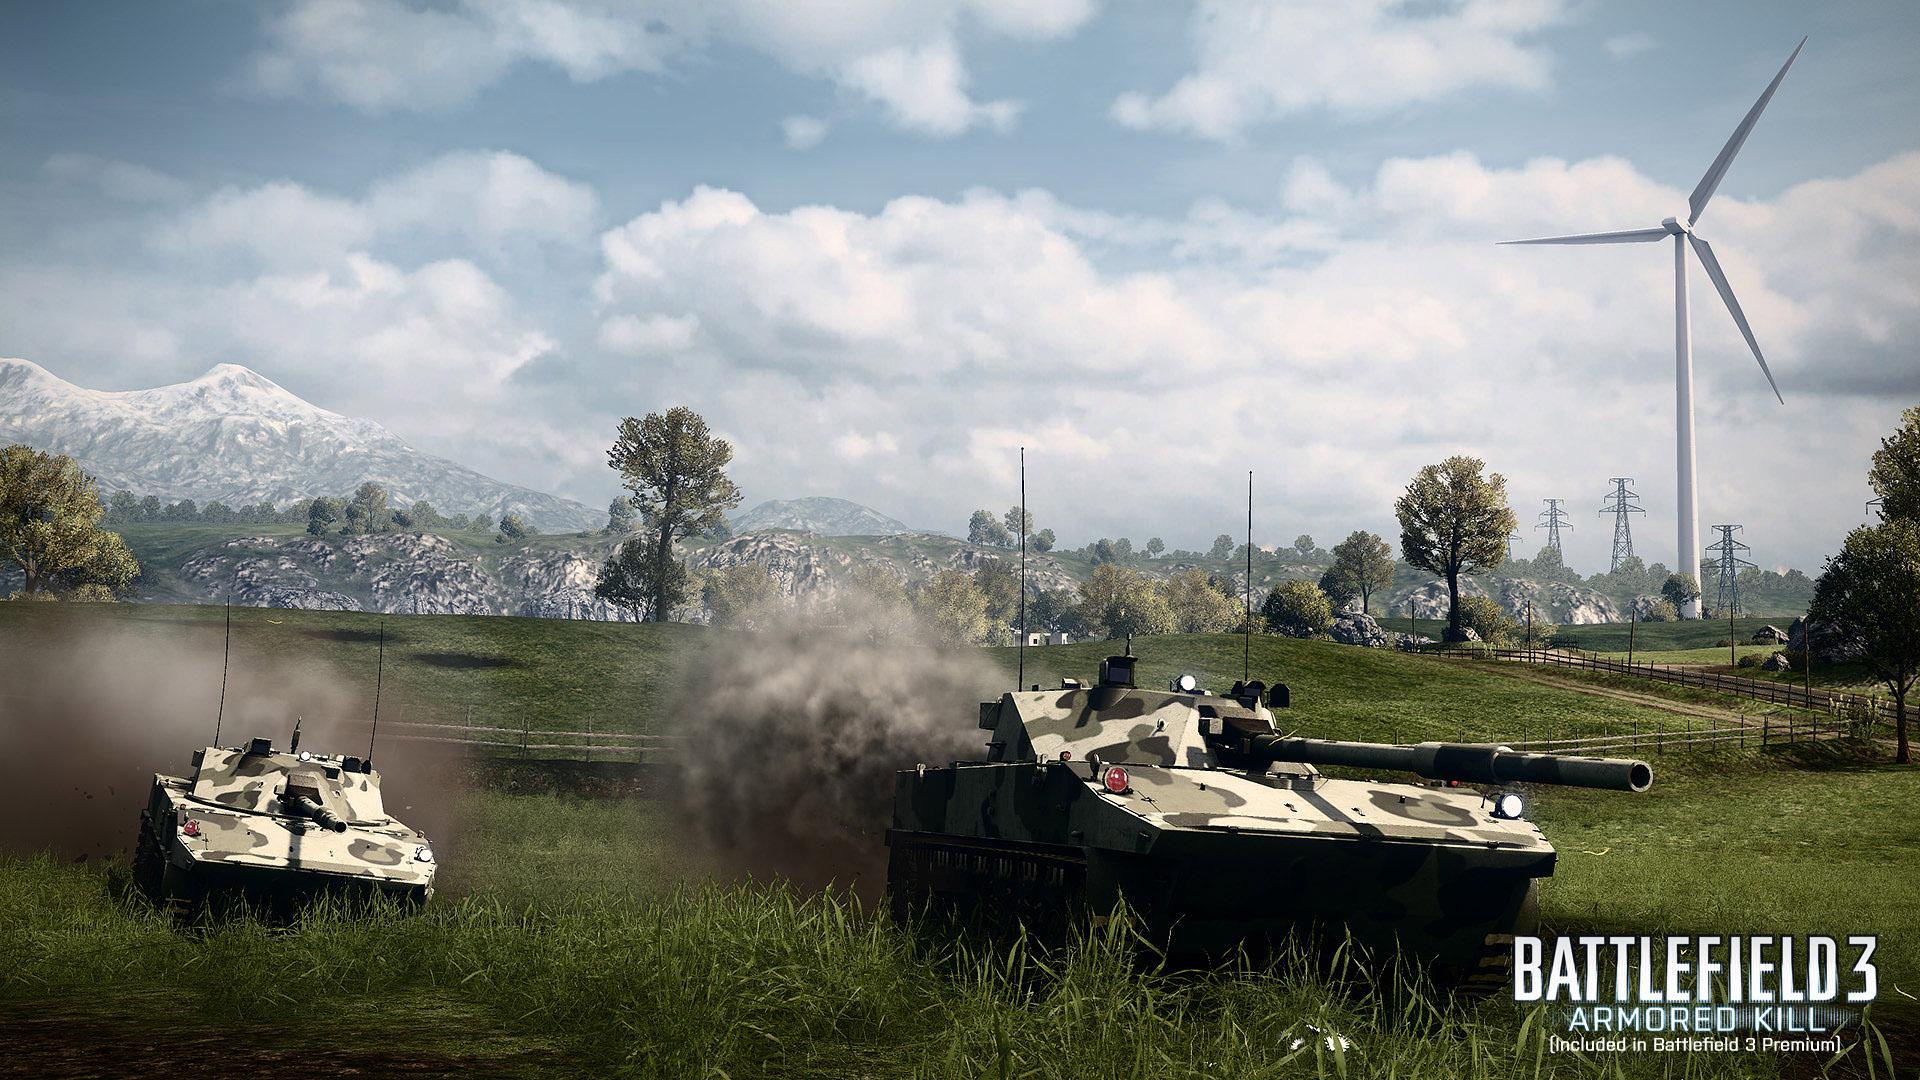 První trailer z Armored Kill DLC k Battlefield 3 68200